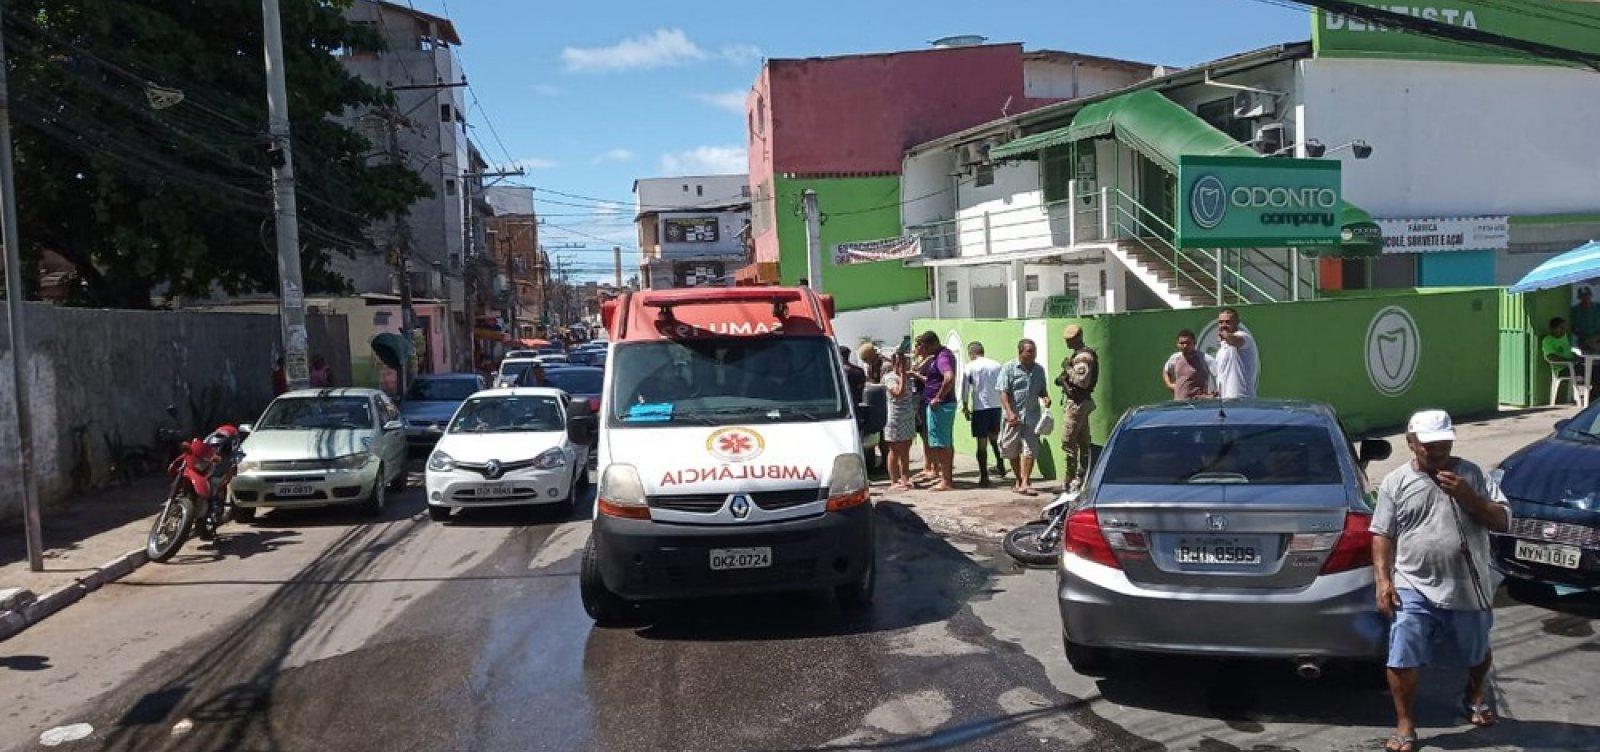 Motociclista fica ferido após acidente com carro no Imbuí